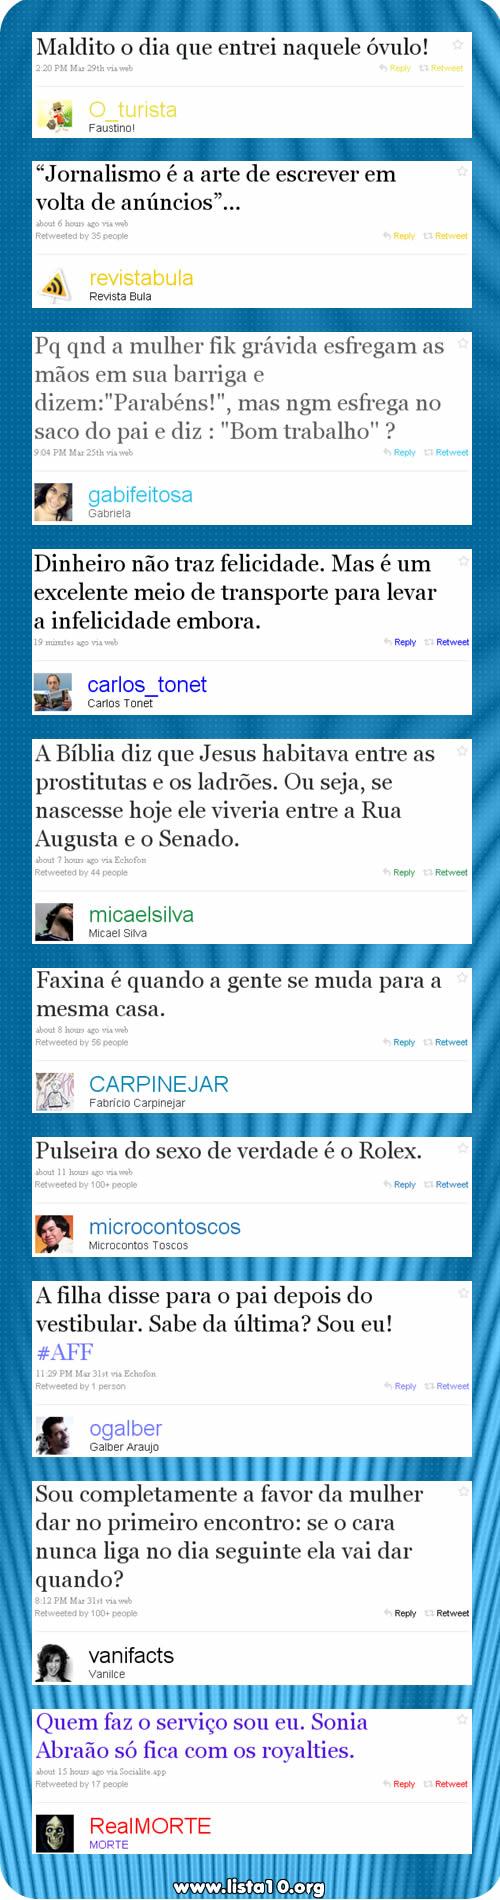 twittadas2